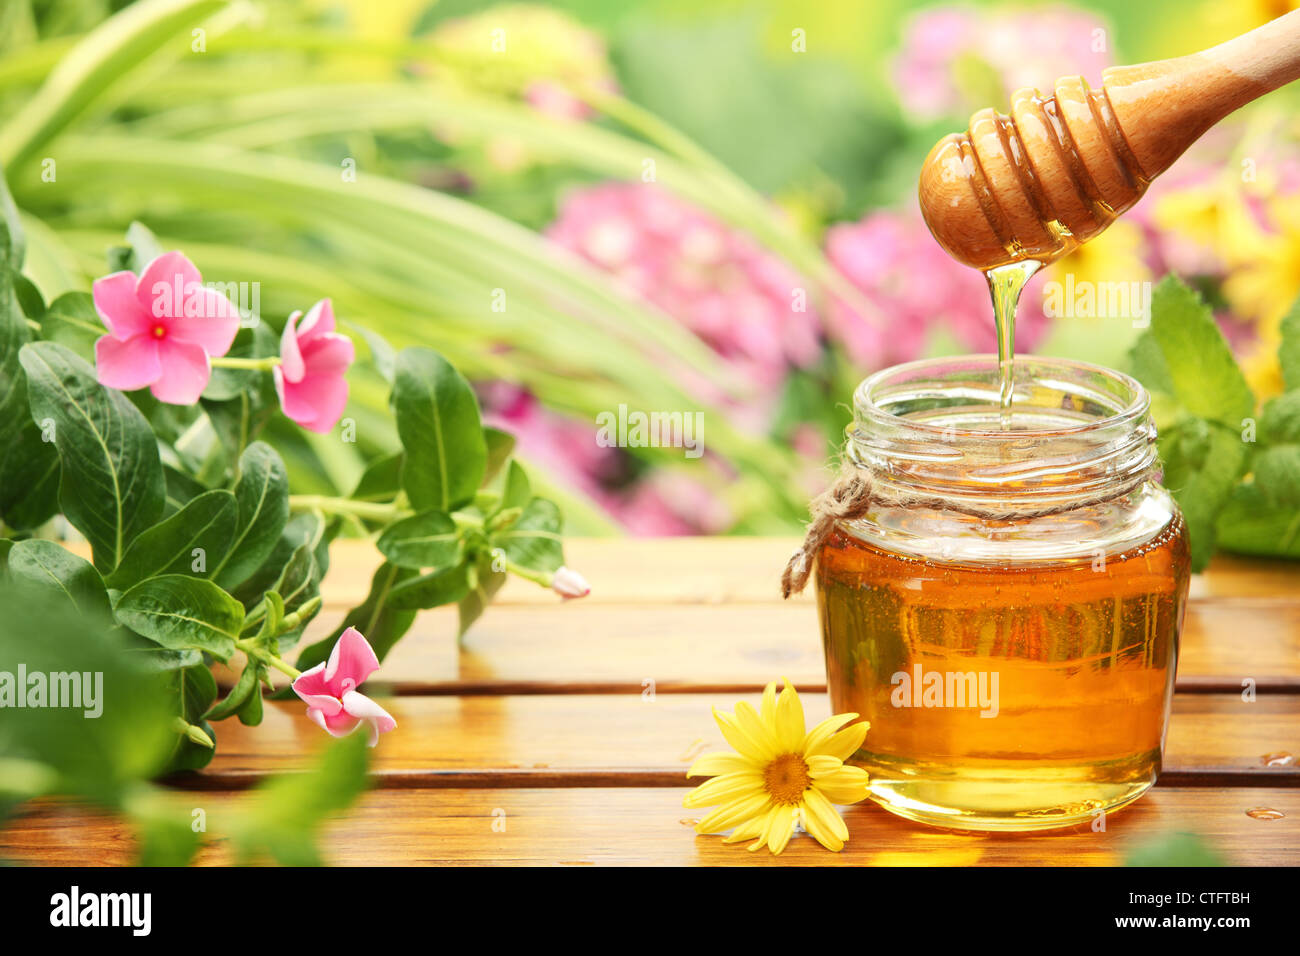 La Miel en tarros de vidrio con flores de fondo. Foto de stock